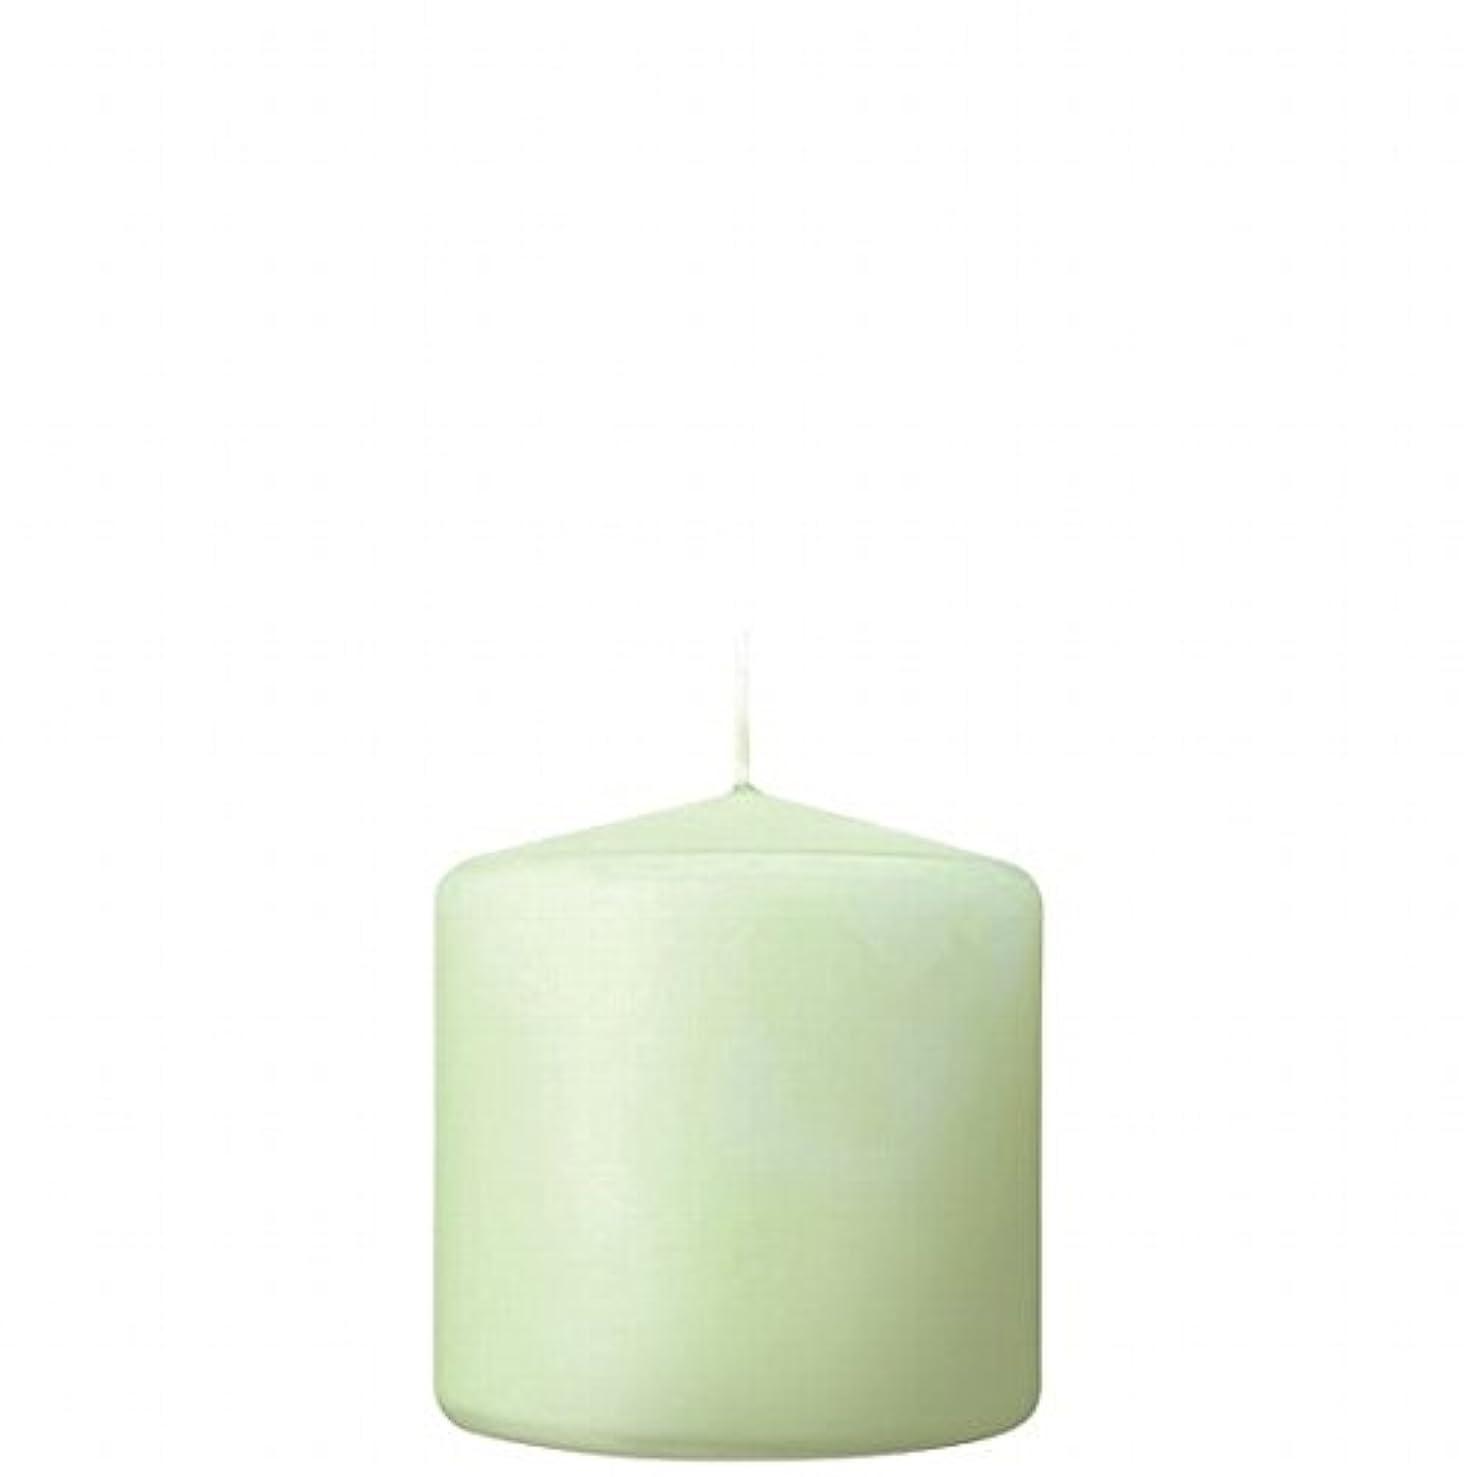 アニメーション抱擁ピンクカメヤマキャンドル( kameyama candle ) 3×3ベルトップピラーキャンドル 「 ホワイトグリーン 」